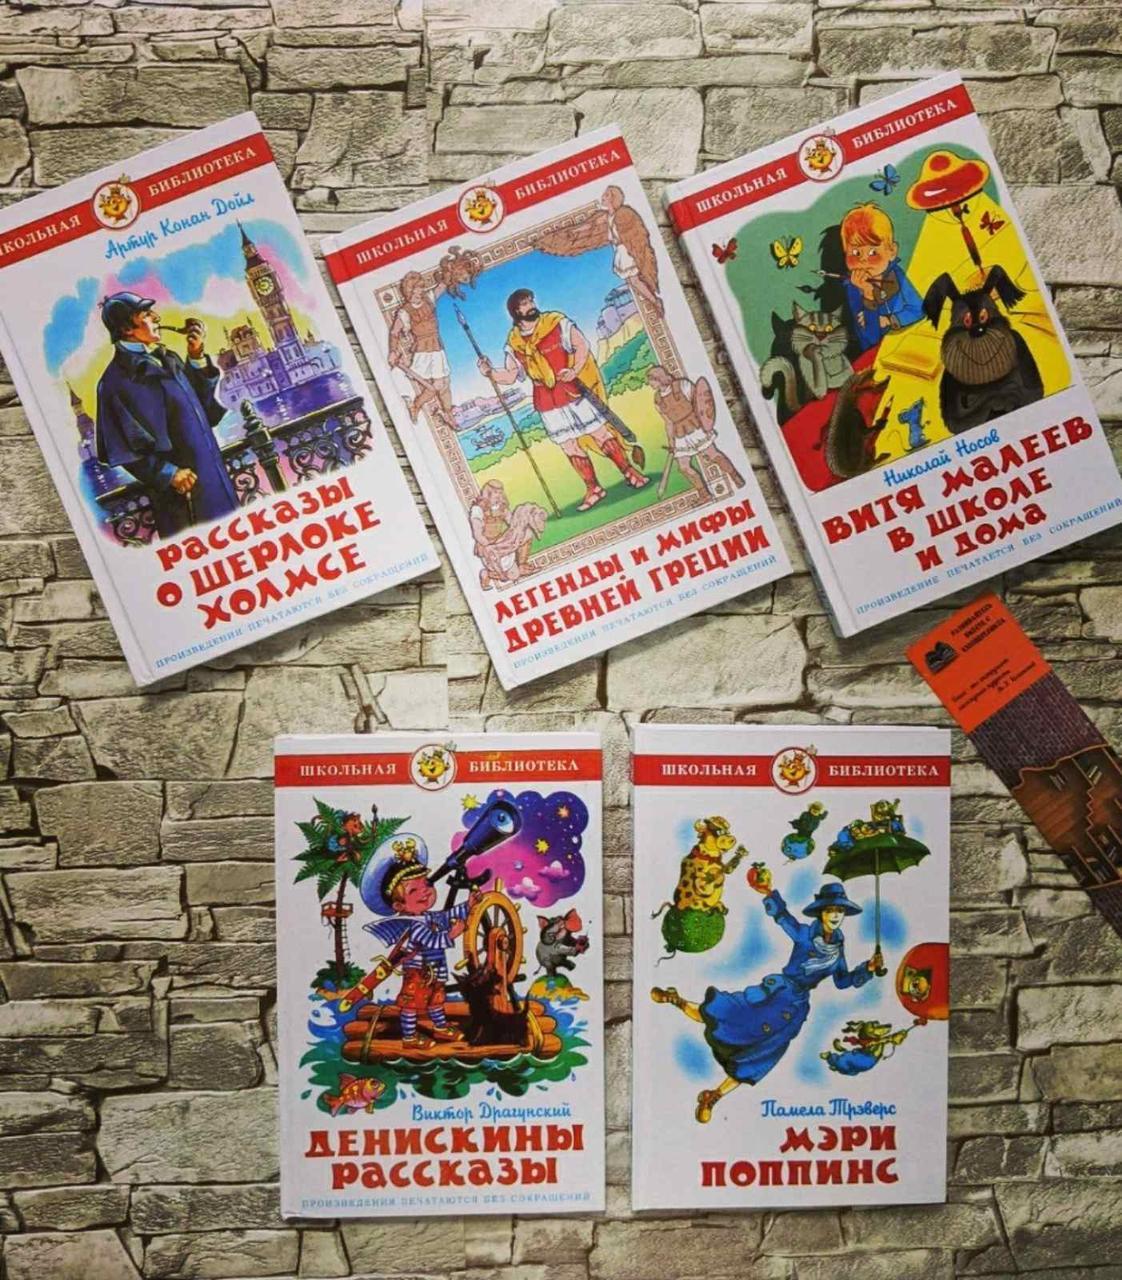 """Набор книг """"Рассказы о Шерлоке Холмсе"""", """"Легенды и мифы Древней Греции"""", """"Мэри Поппинс"""" и др."""